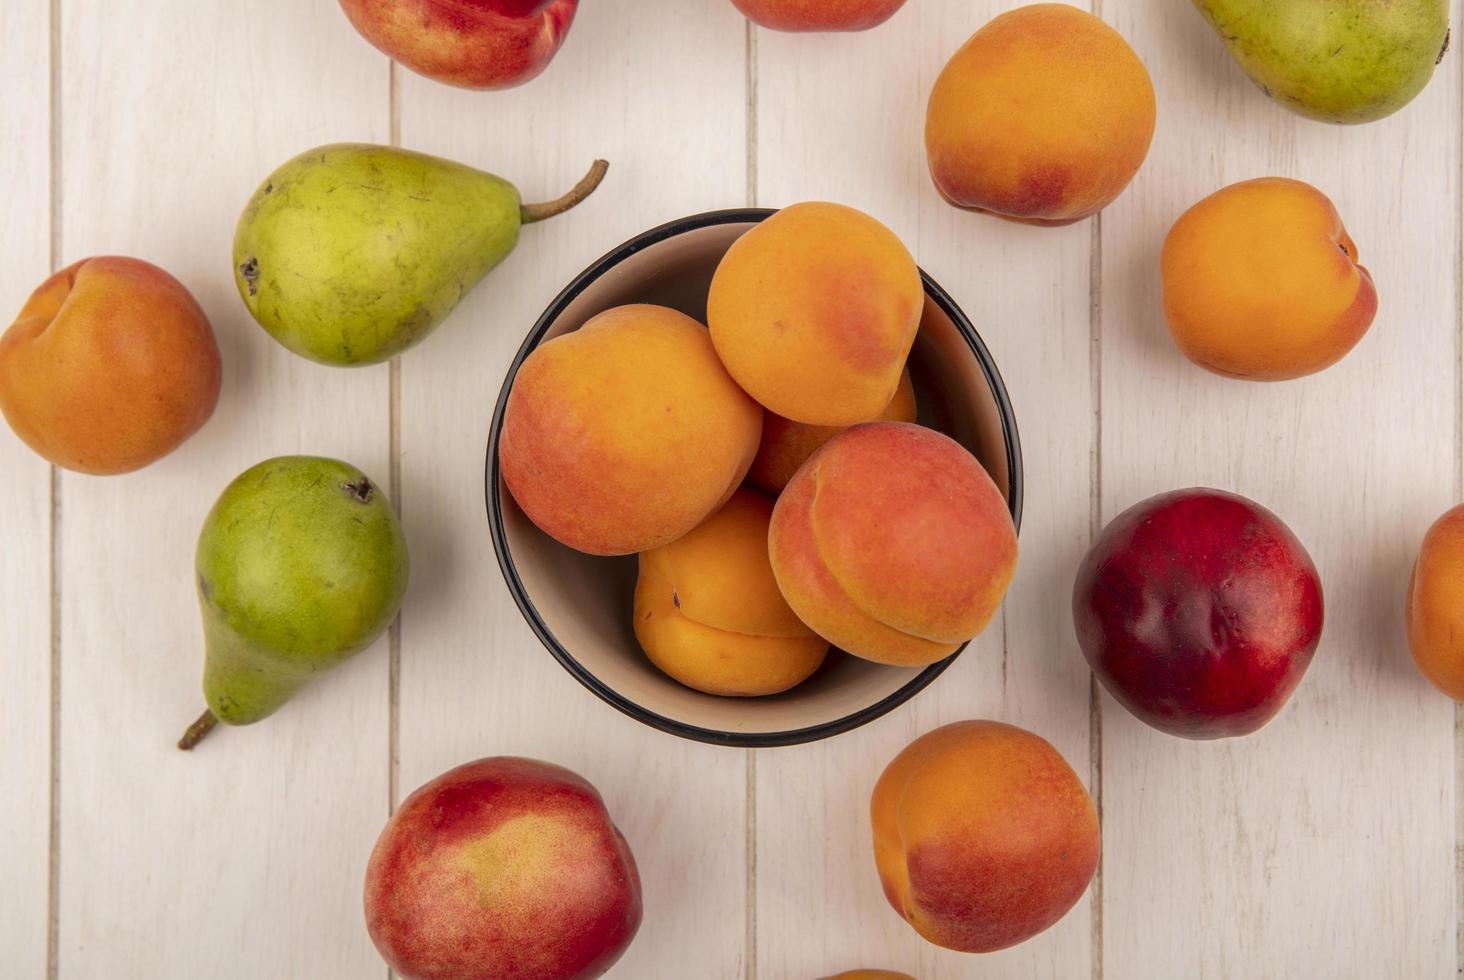 Lebensmittelfotografie flache Lage von frischem Obst auf neutralem Hintergrund foto